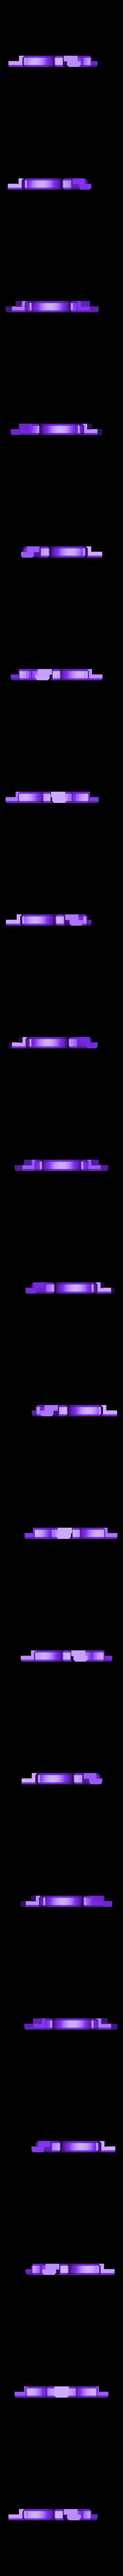 Spoolholder Delta 3.STL Download free STL file Mini Kossel Delta 3D Printer Spoolholder • Template to 3D print, Bishop